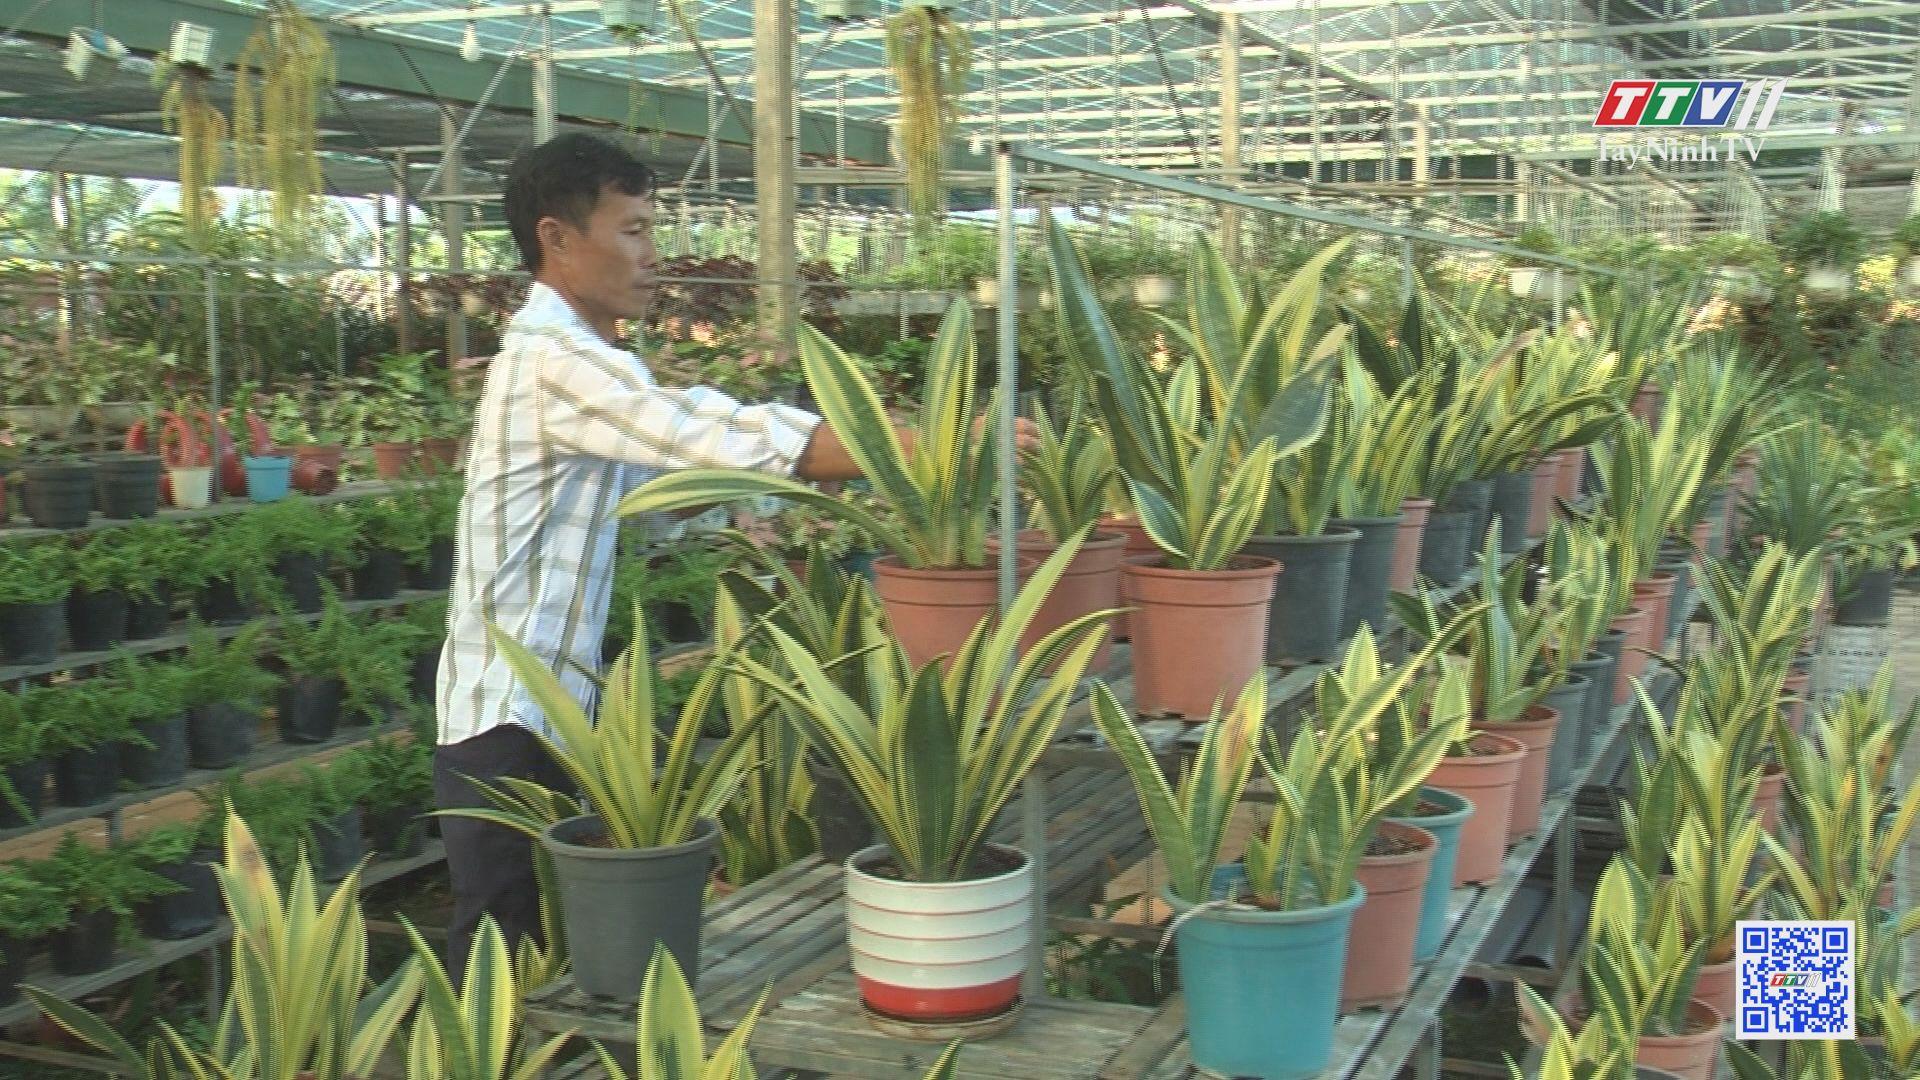 Nông dân với nghề hoa kiểng | NÔNG NGHIỆP TÂY NINH | TayNinhTV